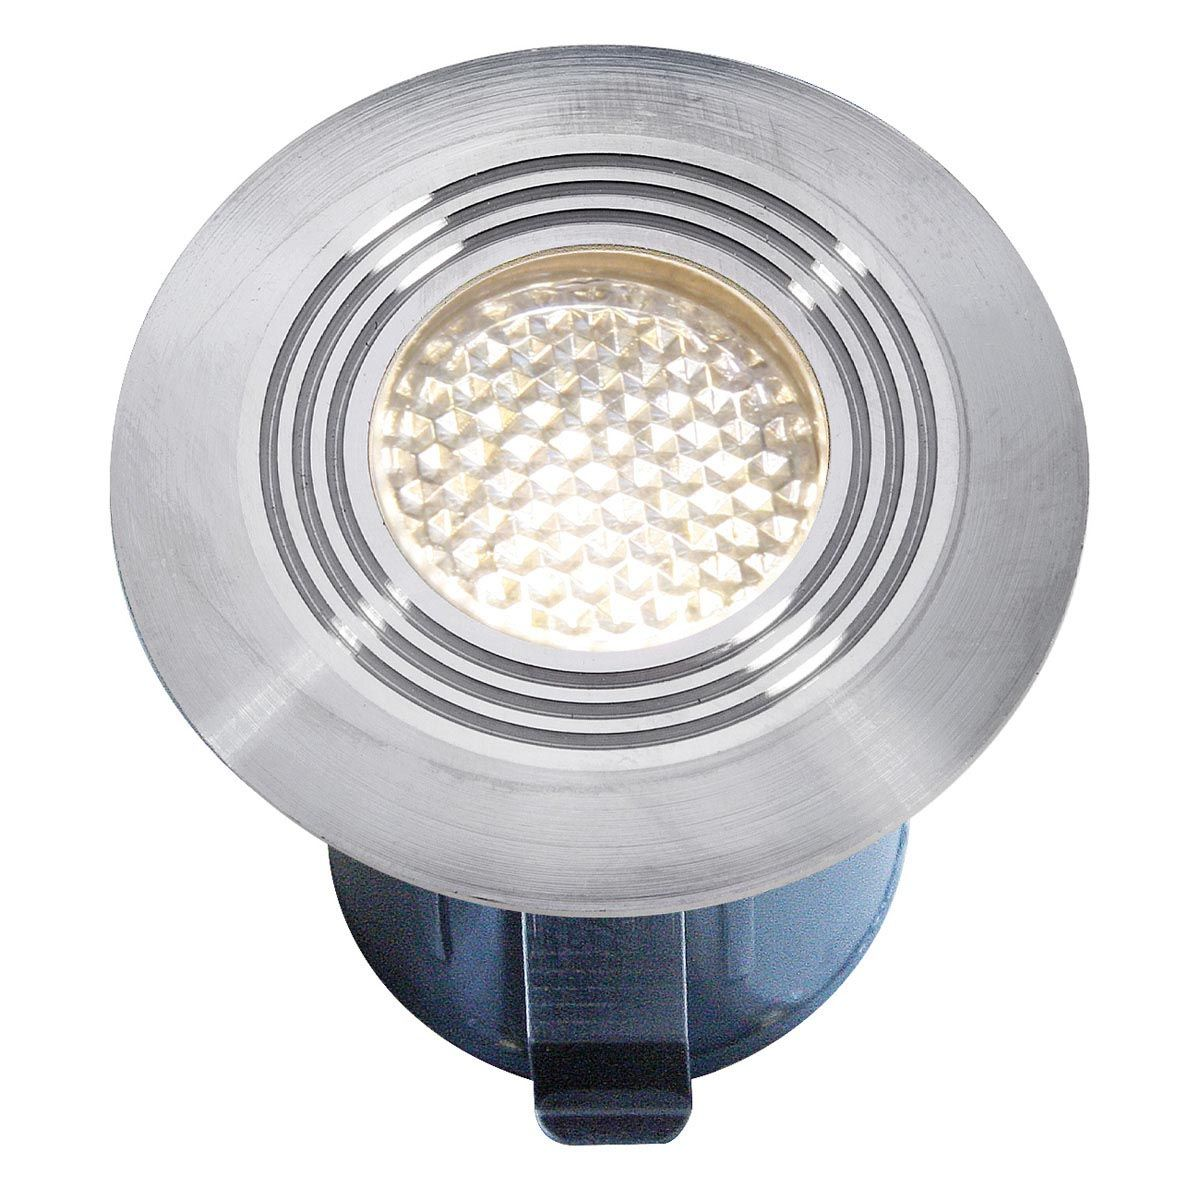 Einbauleuchte Onyx 30 R1, aus Edelstahl, warm weiss, 12 V, 0.5 W, 45 x 41 mm (DxH)